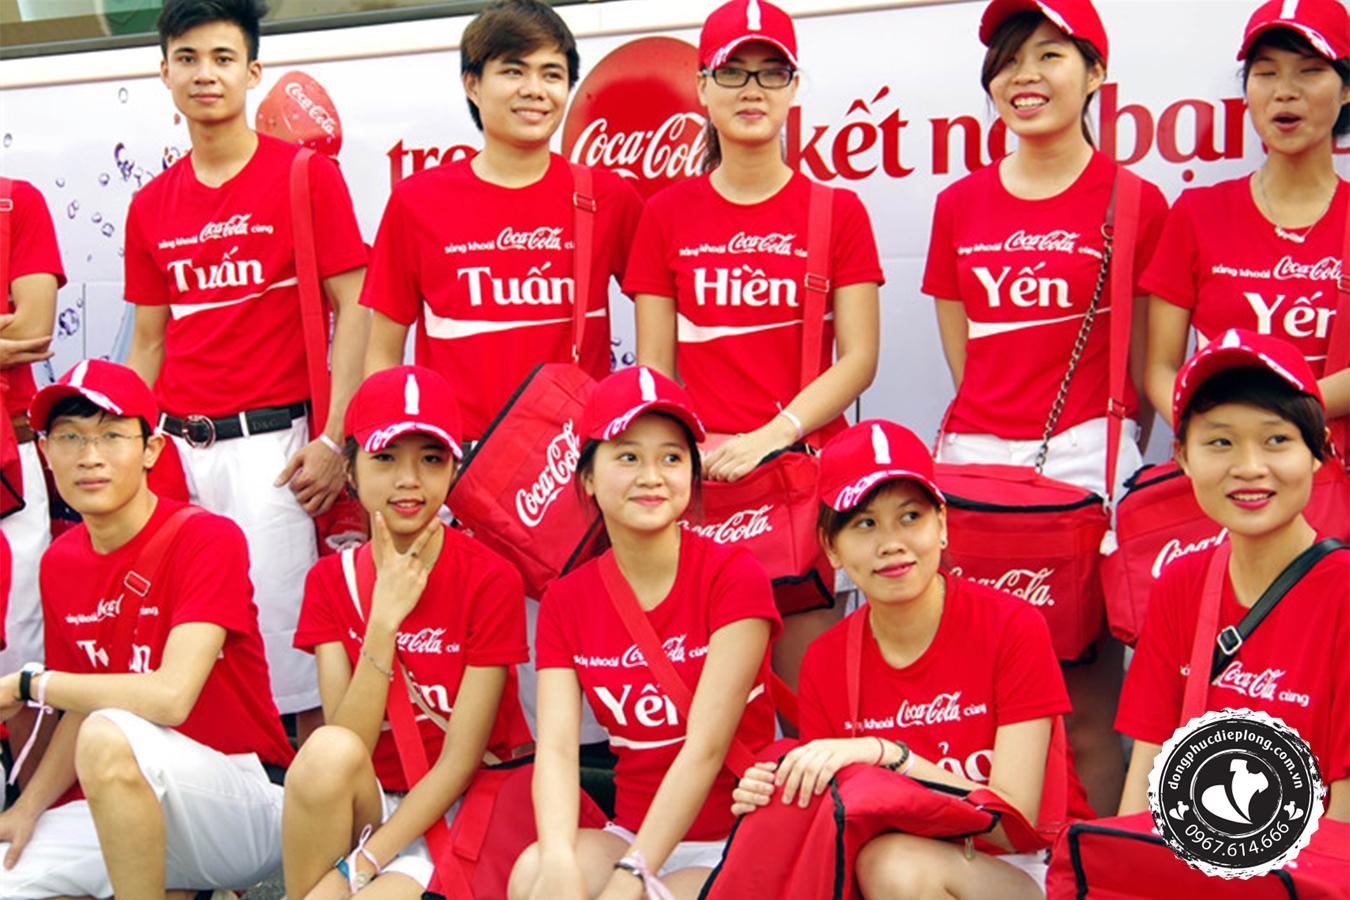 5-sai-lam-khi-lam-dong-phuc-su-kien-ma-chung-ta-dang-mac-phai